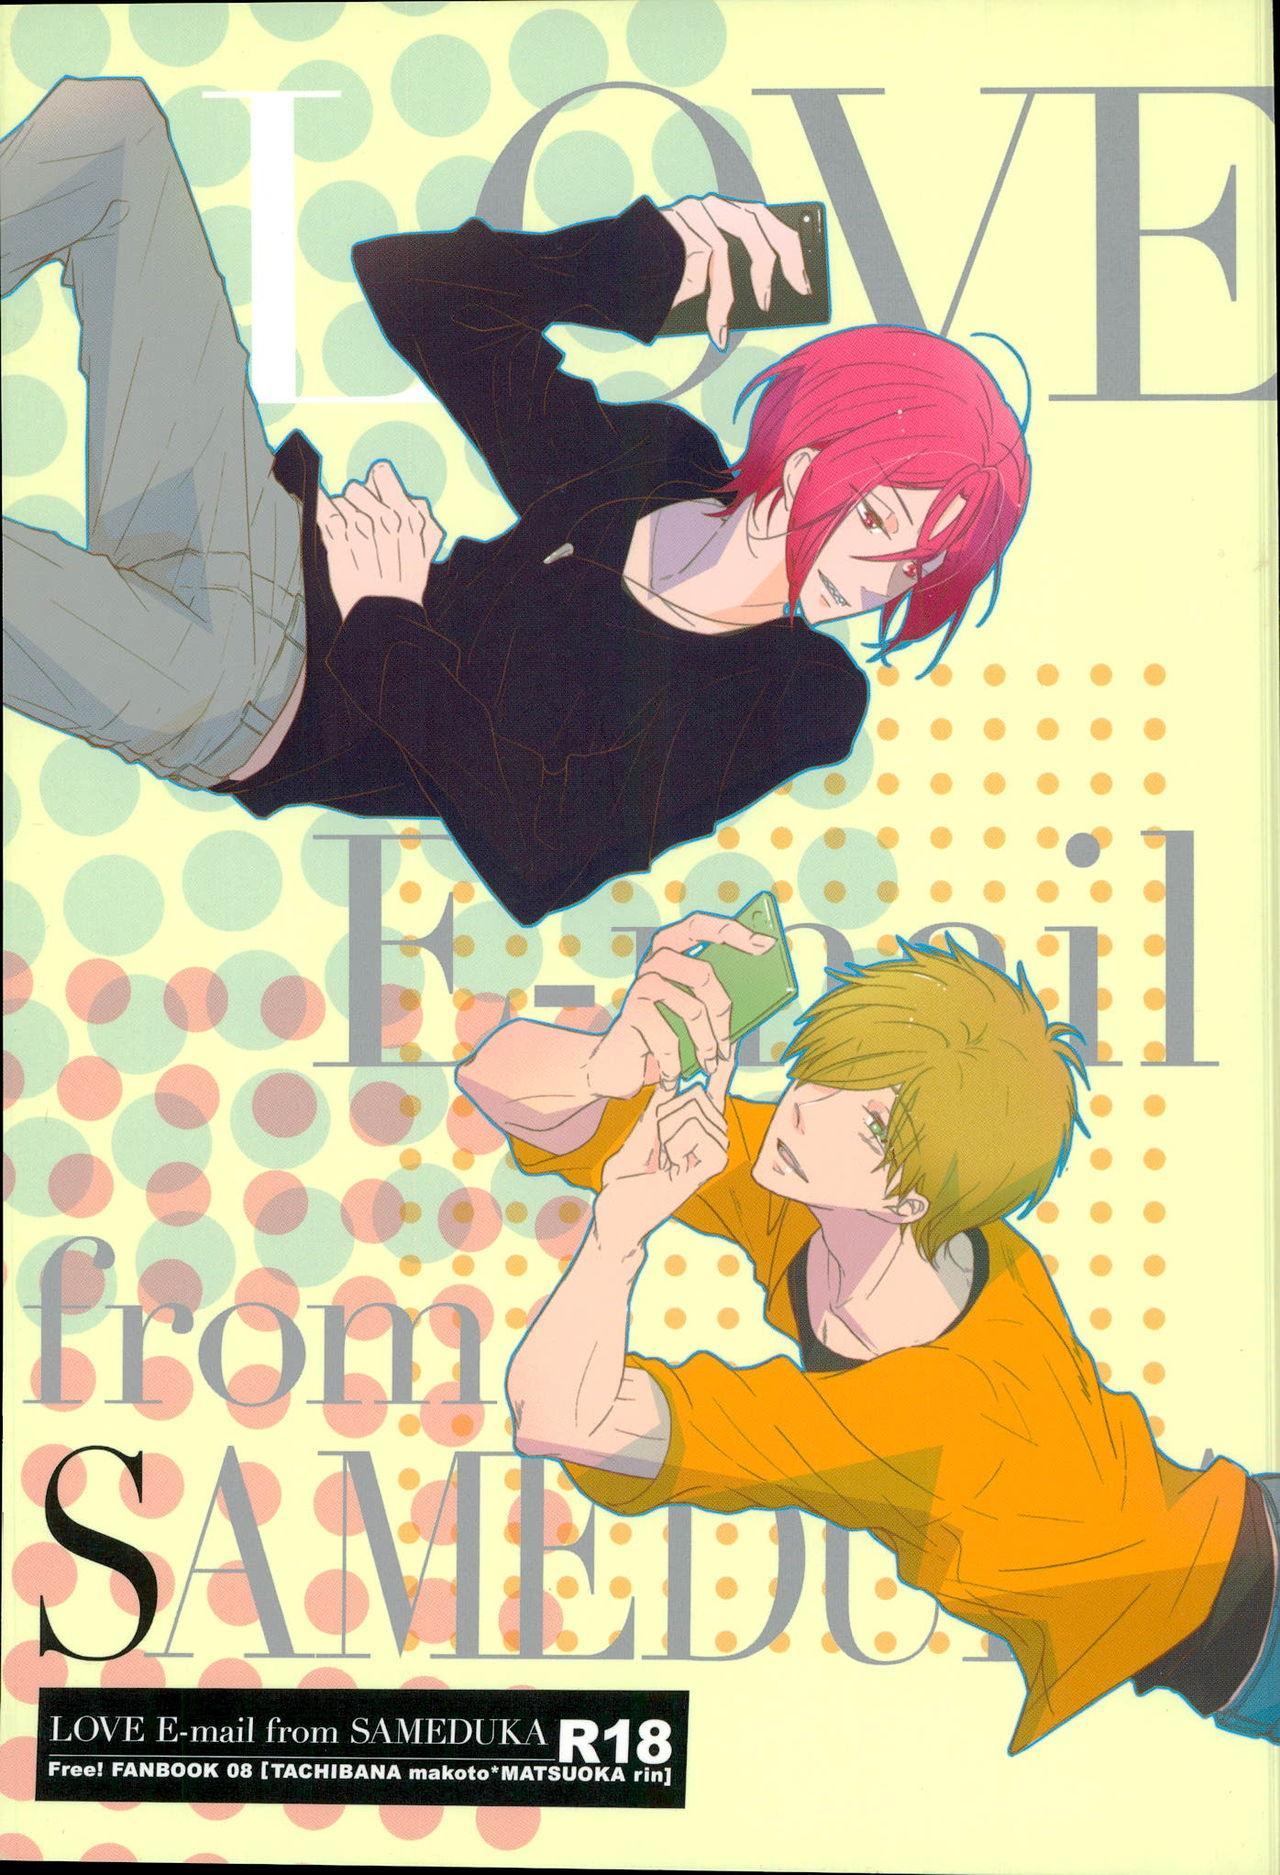 LOVE E-mail from SAMEDUKA 0